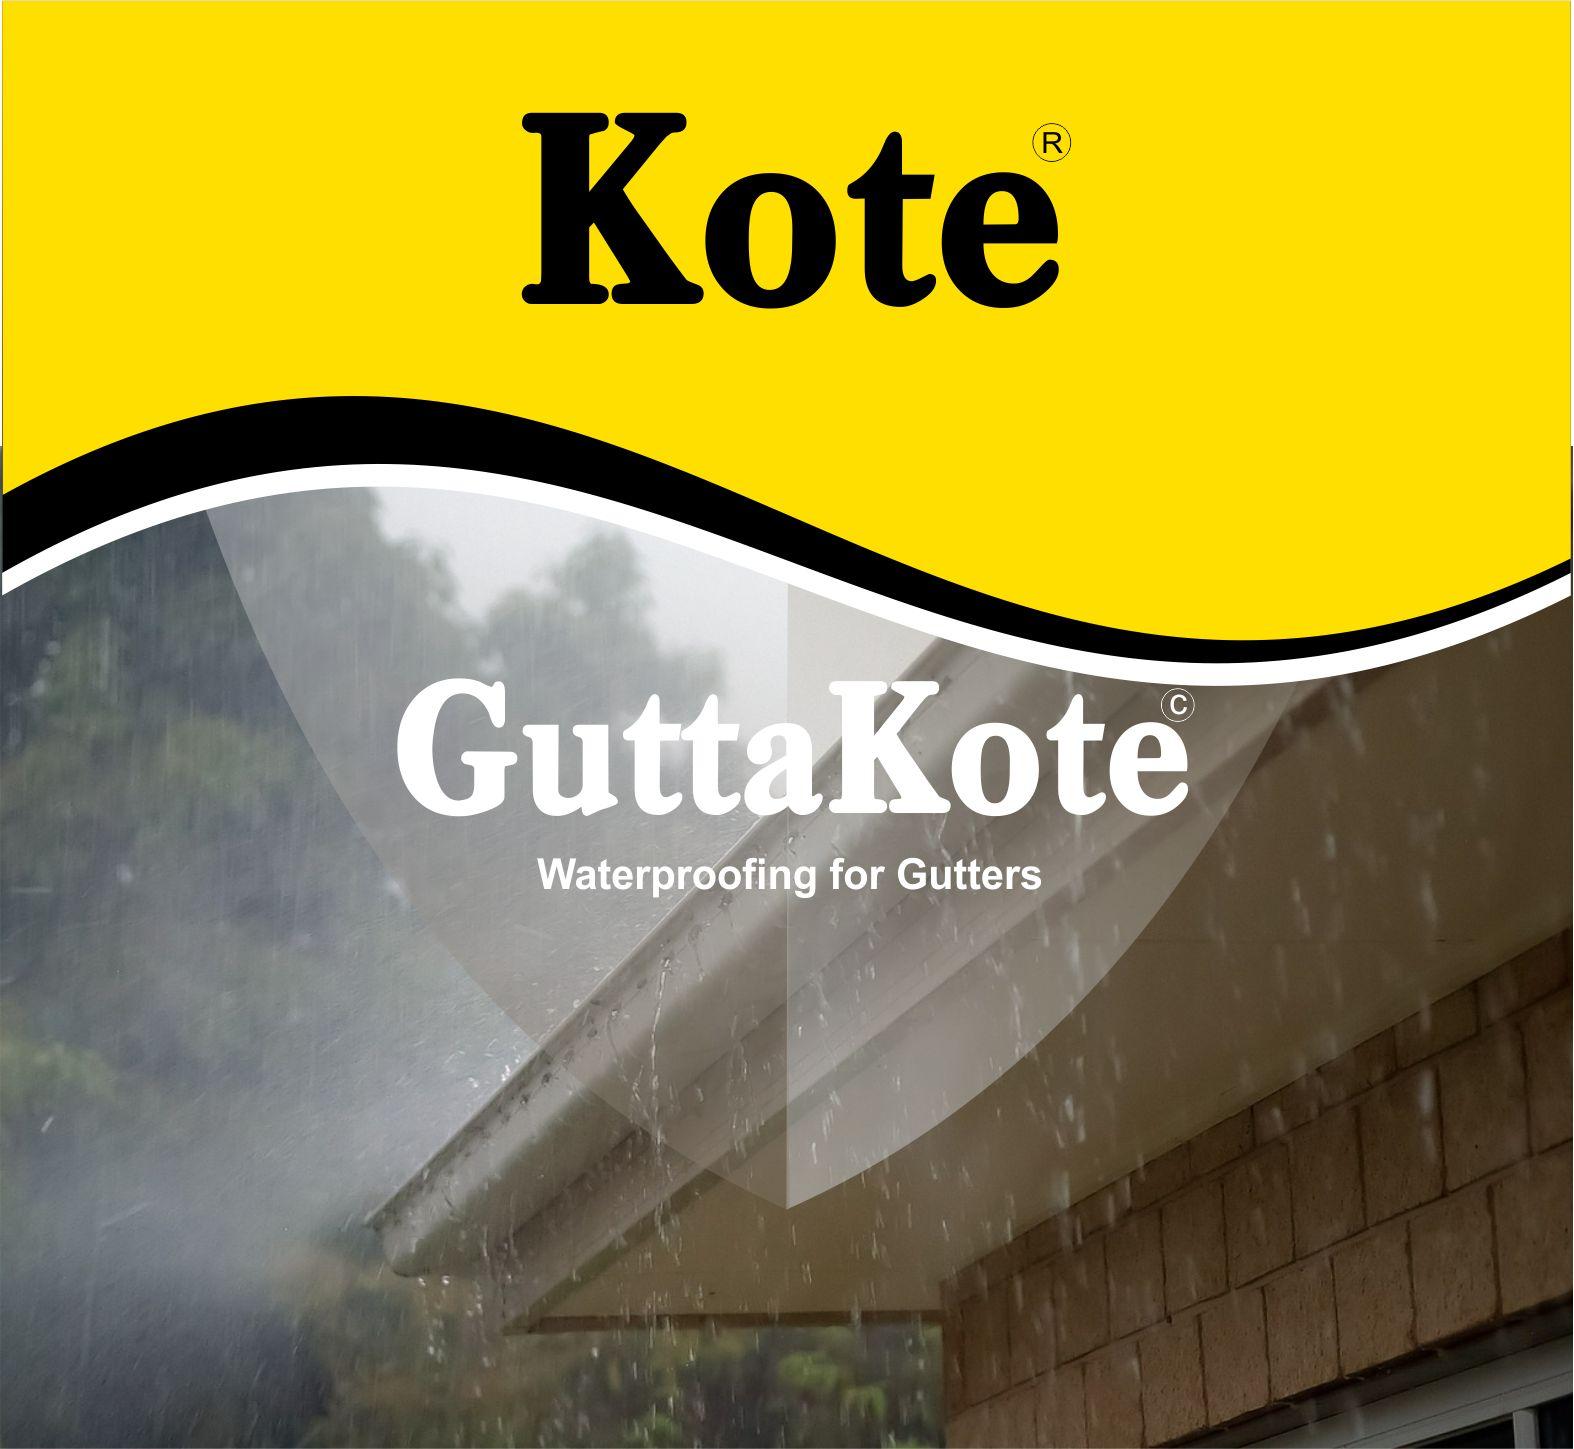 http://kote.co.za/guttakote/